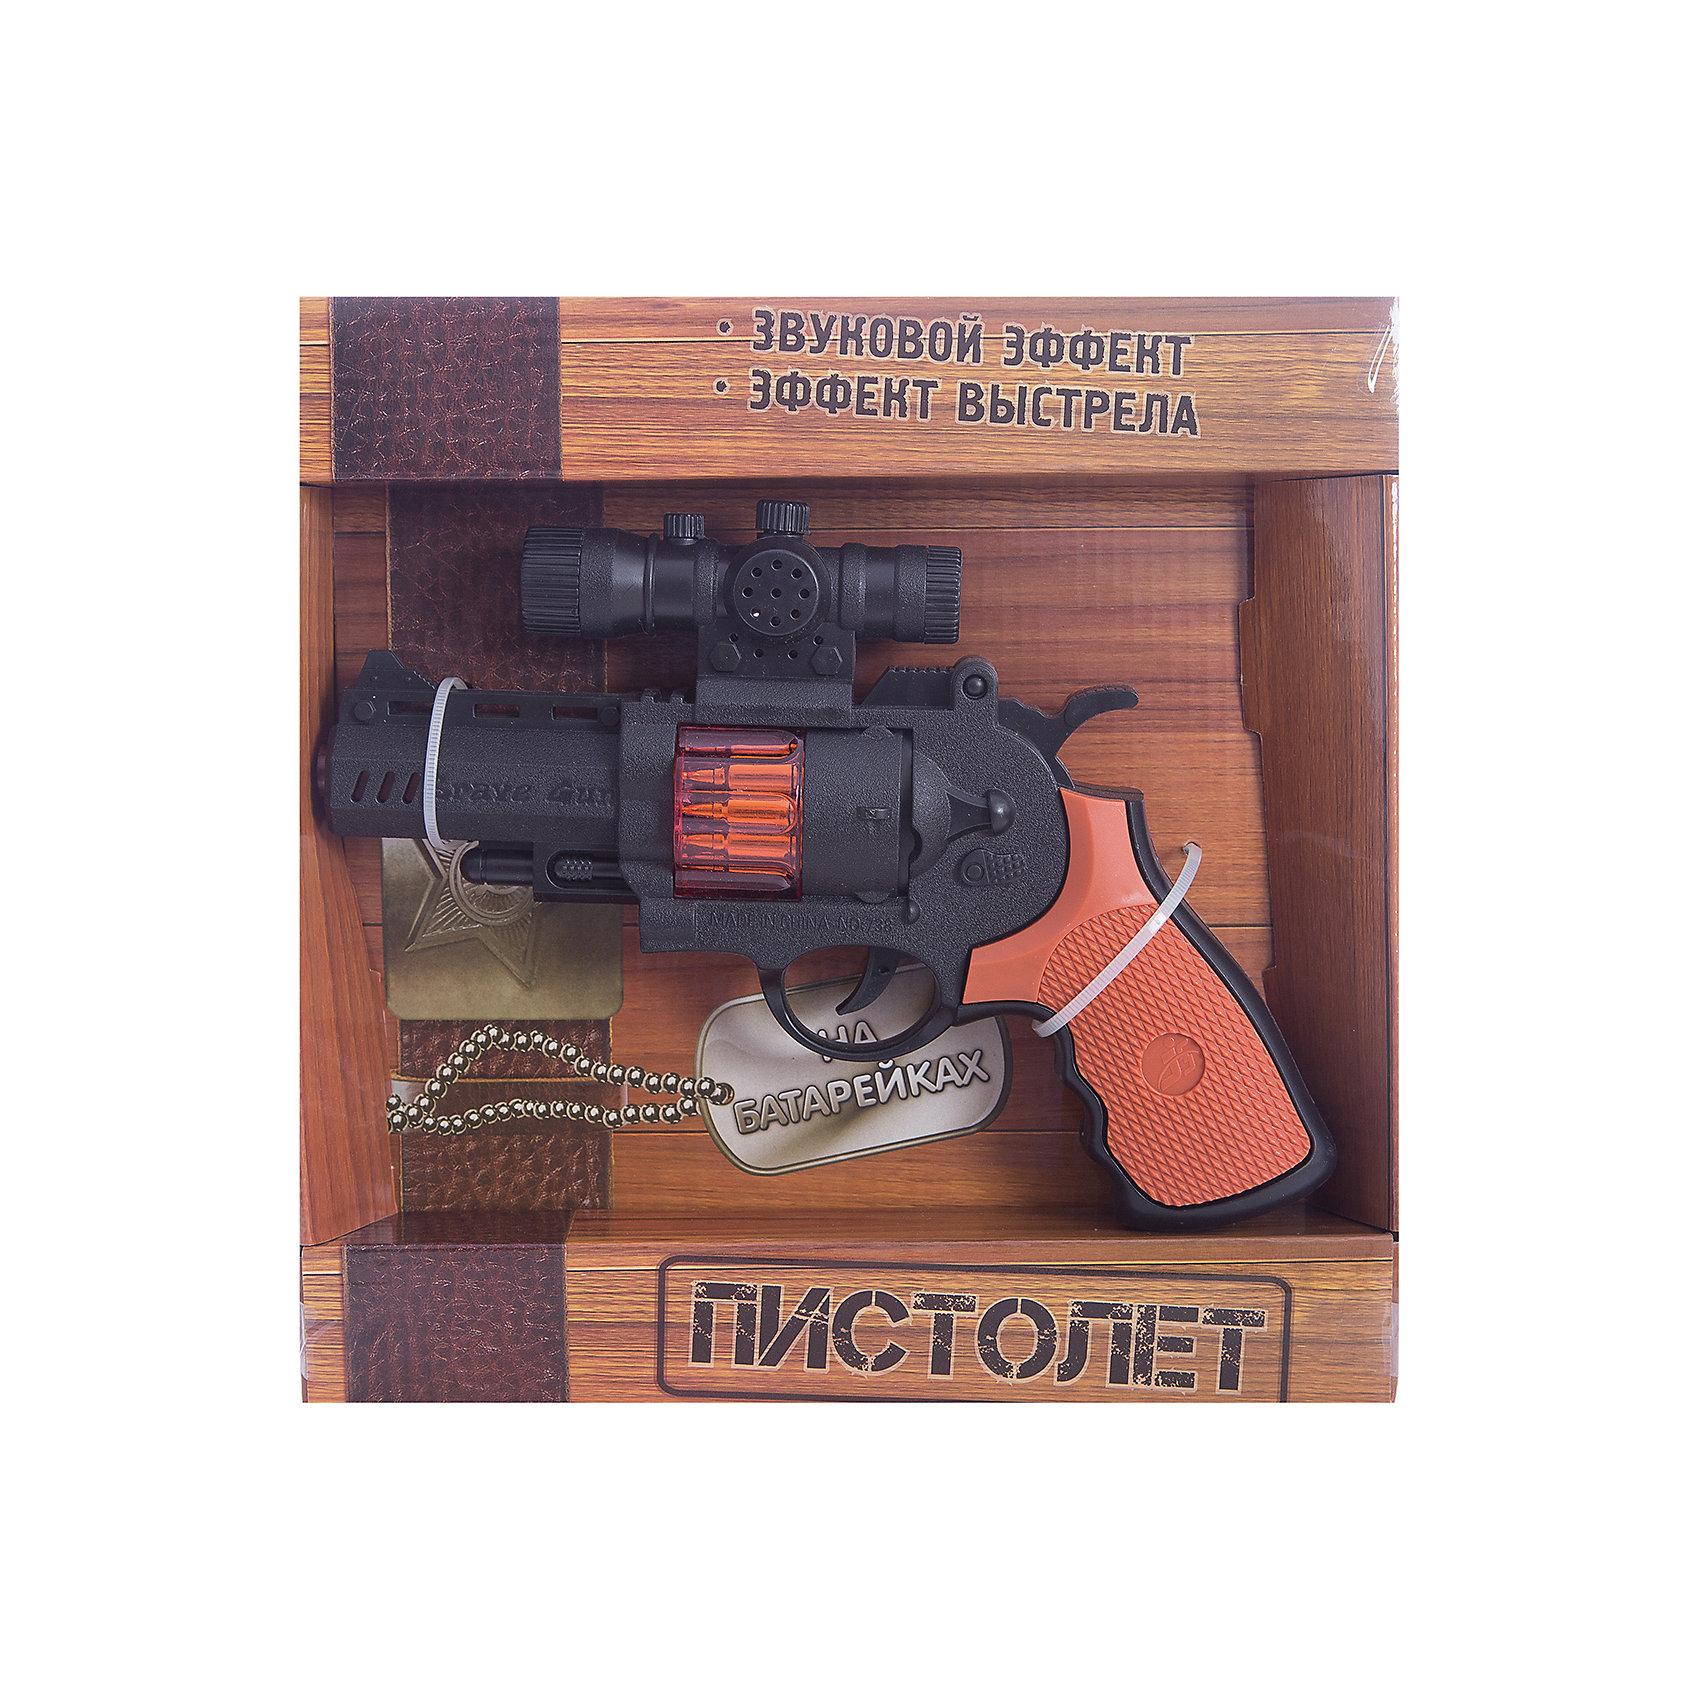 Пистолет, Играем вместеПистолет с лазерным прицелом от компании Играем Вместе- это  игрушка, которая прекрасно подойдет детям, предпочитающим активные игры. Данное игровое оружие может издавать звуки стрельбы, а также светится во время нажатия на курок. Работает от 3 батареек типа АА<br><br>Ширина мм: 40<br>Глубина мм: 230<br>Высота мм: 230<br>Вес г: 340<br>Возраст от месяцев: 36<br>Возраст до месяцев: 72<br>Пол: Мужской<br>Возраст: Детский<br>SKU: 5099109